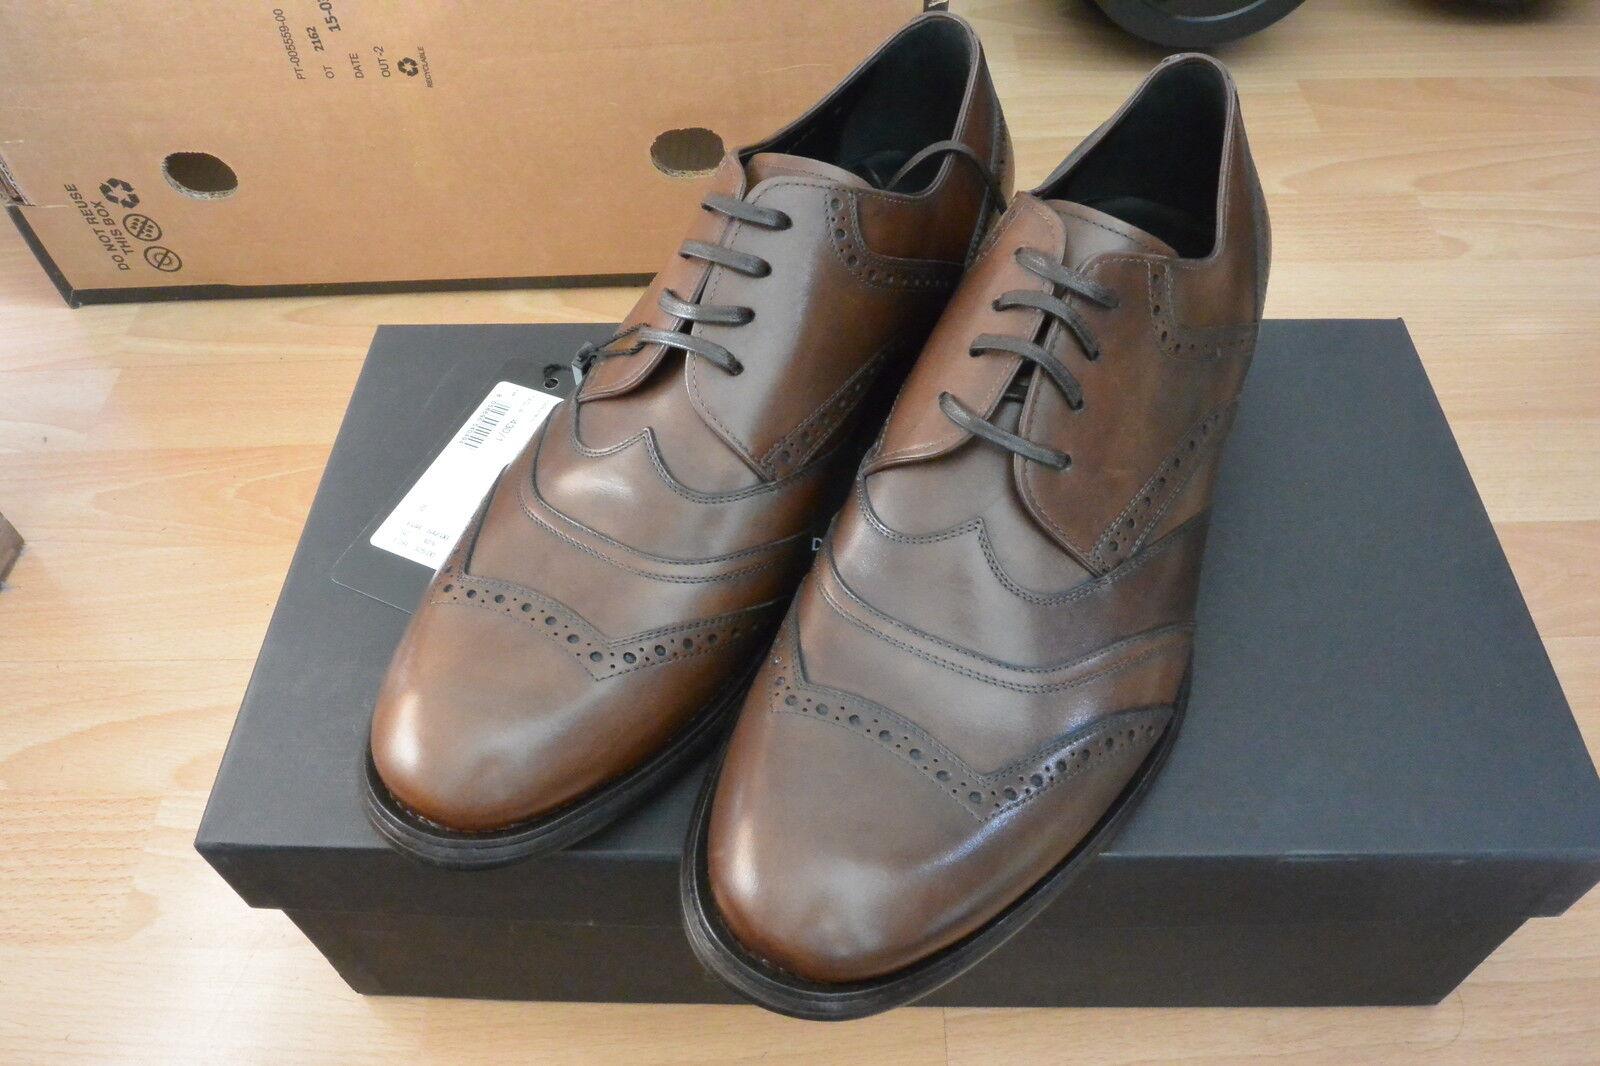 NEU D&G (UK Halbschuhe Business Gr. 44 (UK D&G 9)  542 Dolce & Gabbana Made in Italy 81d4a5